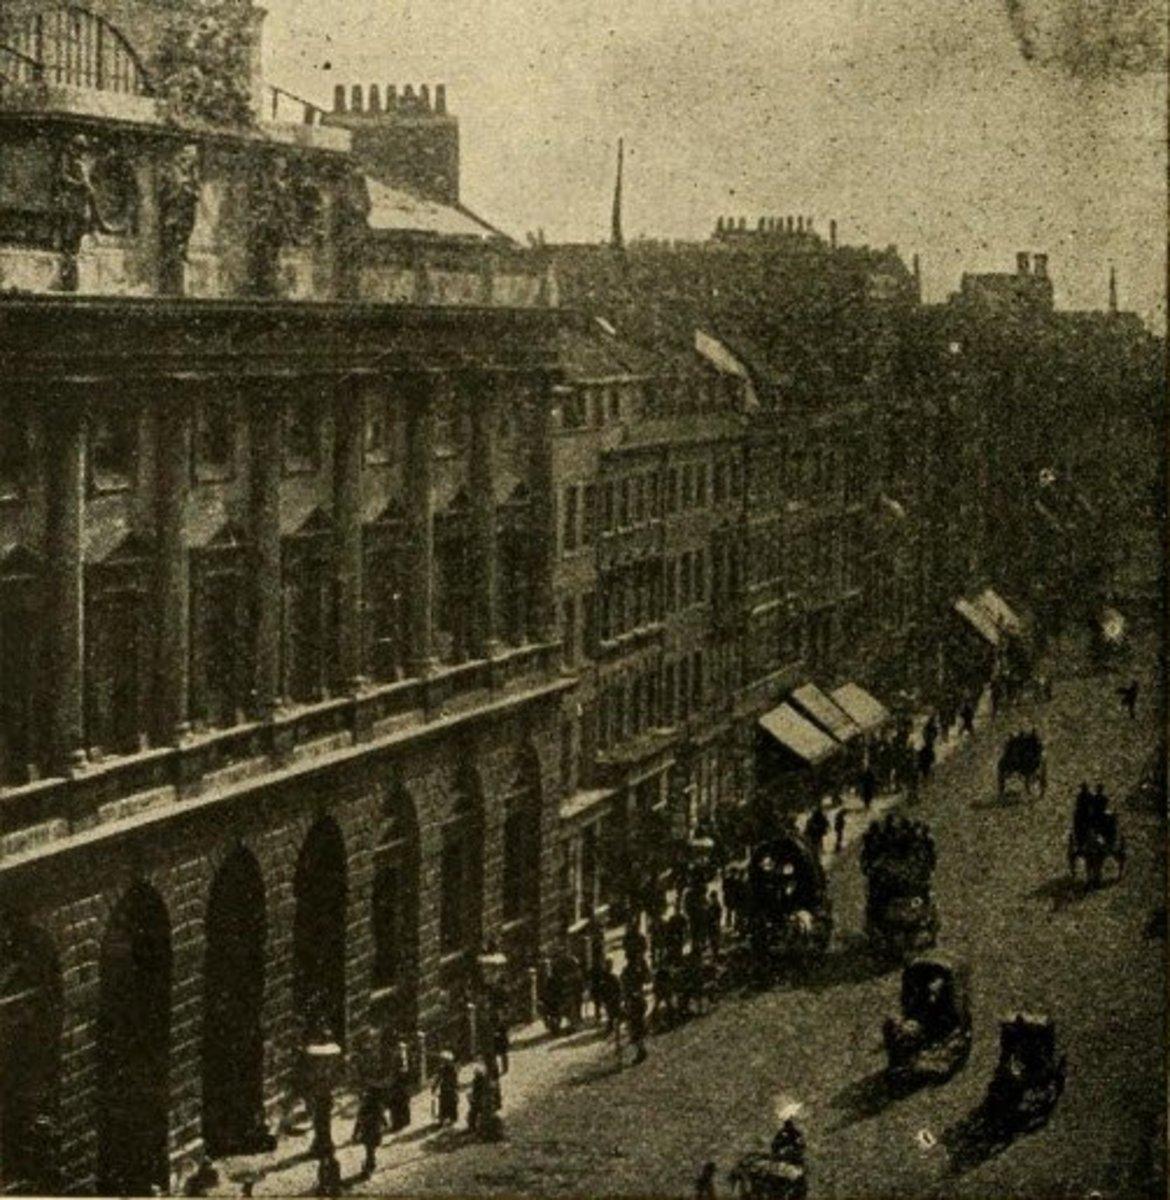 A Street in Edwardian London